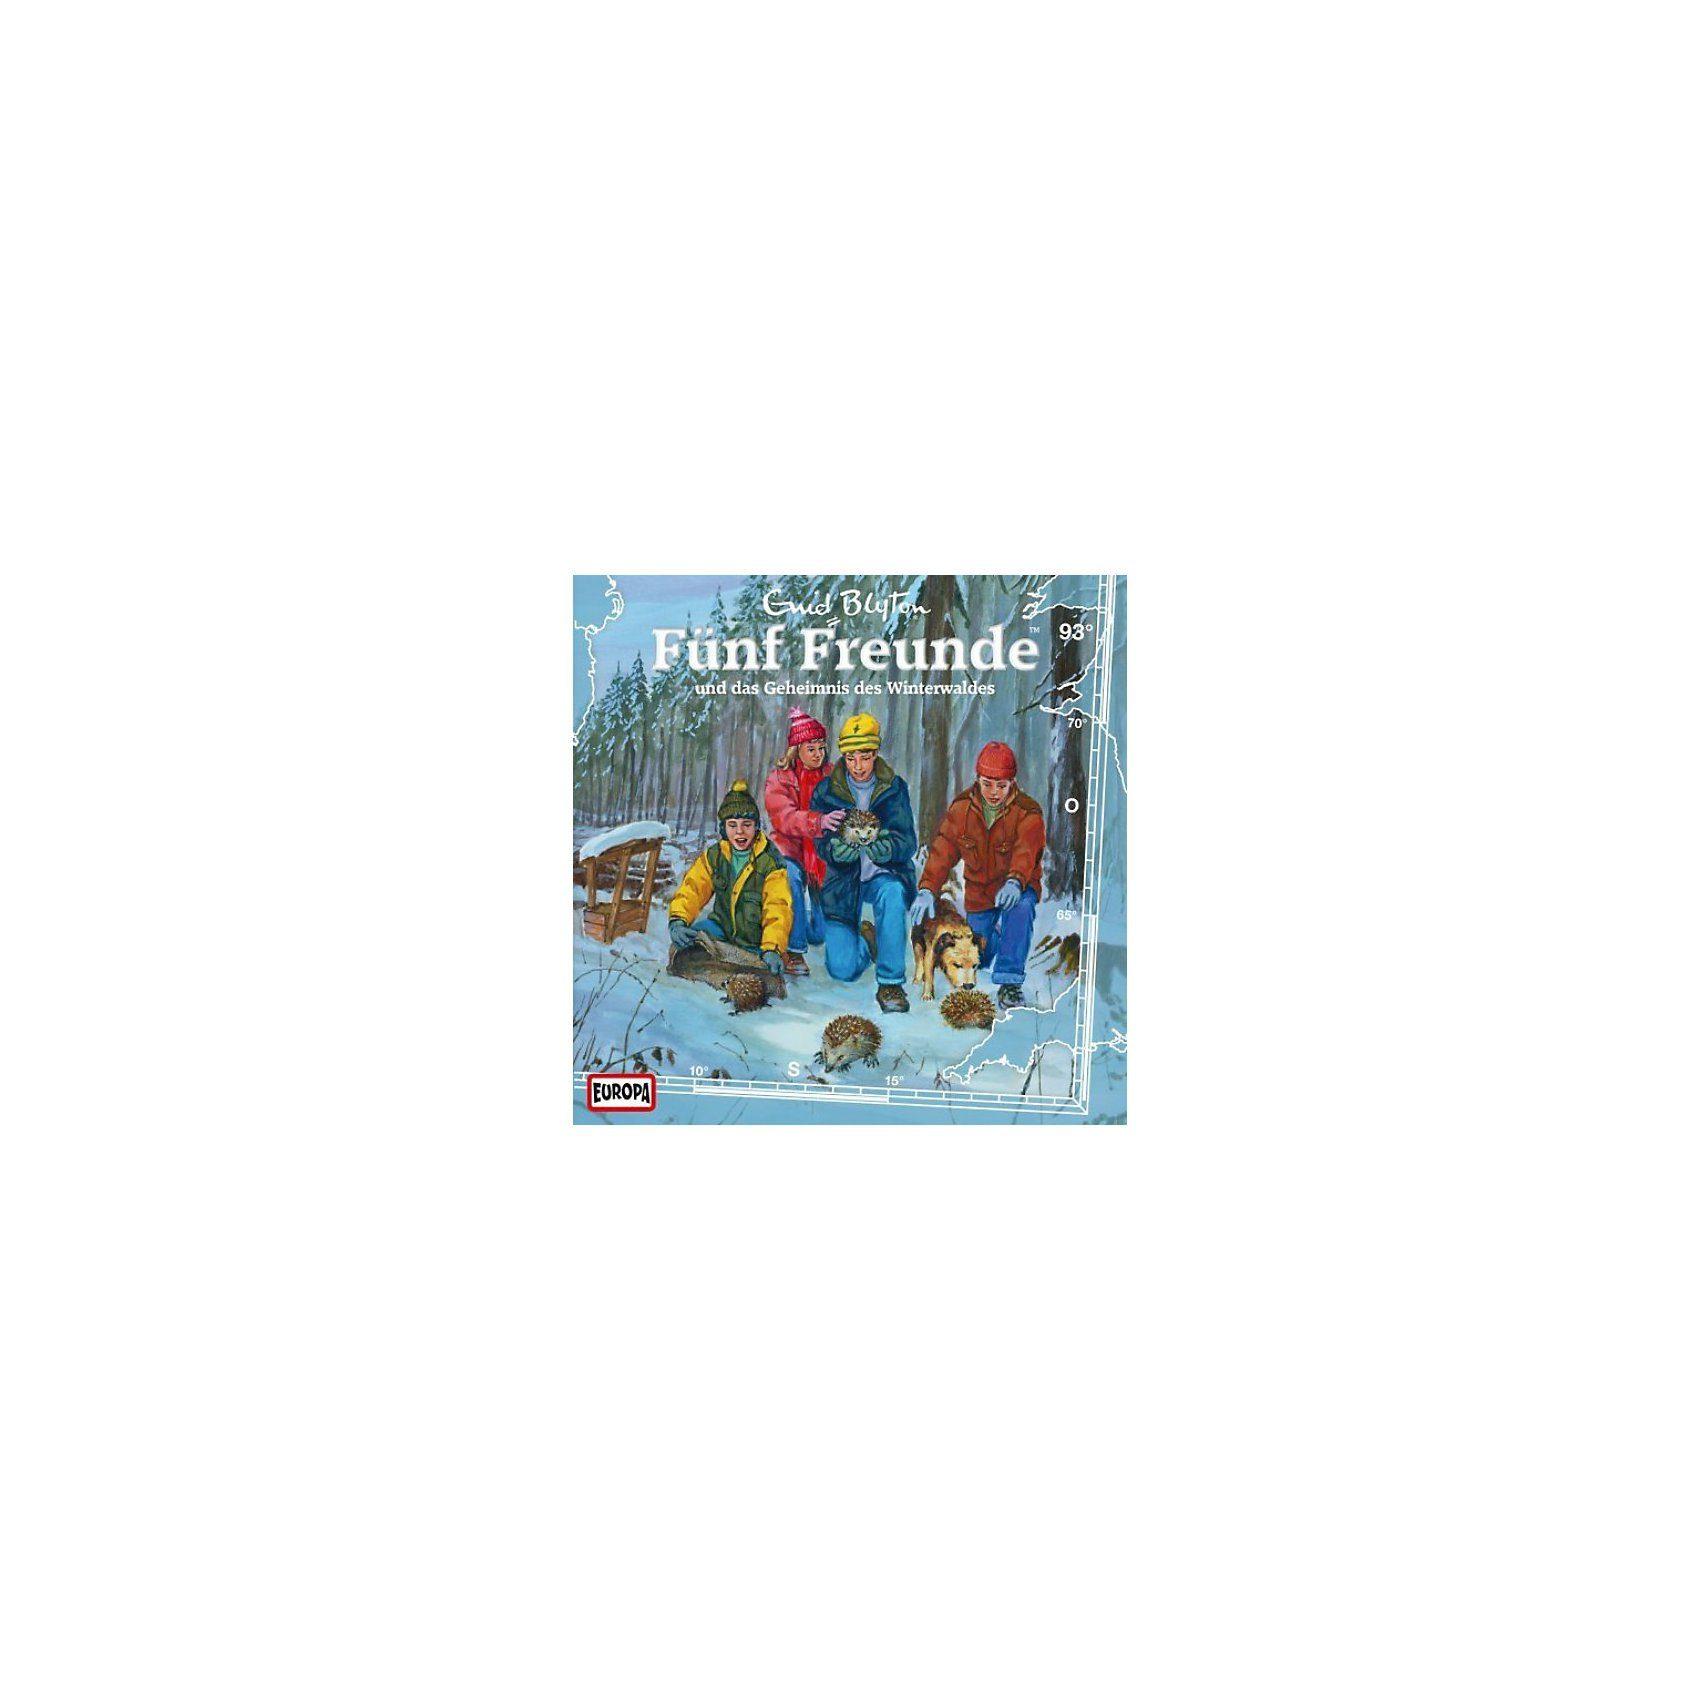 Sony CD Fünf Freunde 093/und das Geheimnis des Winterwaldes